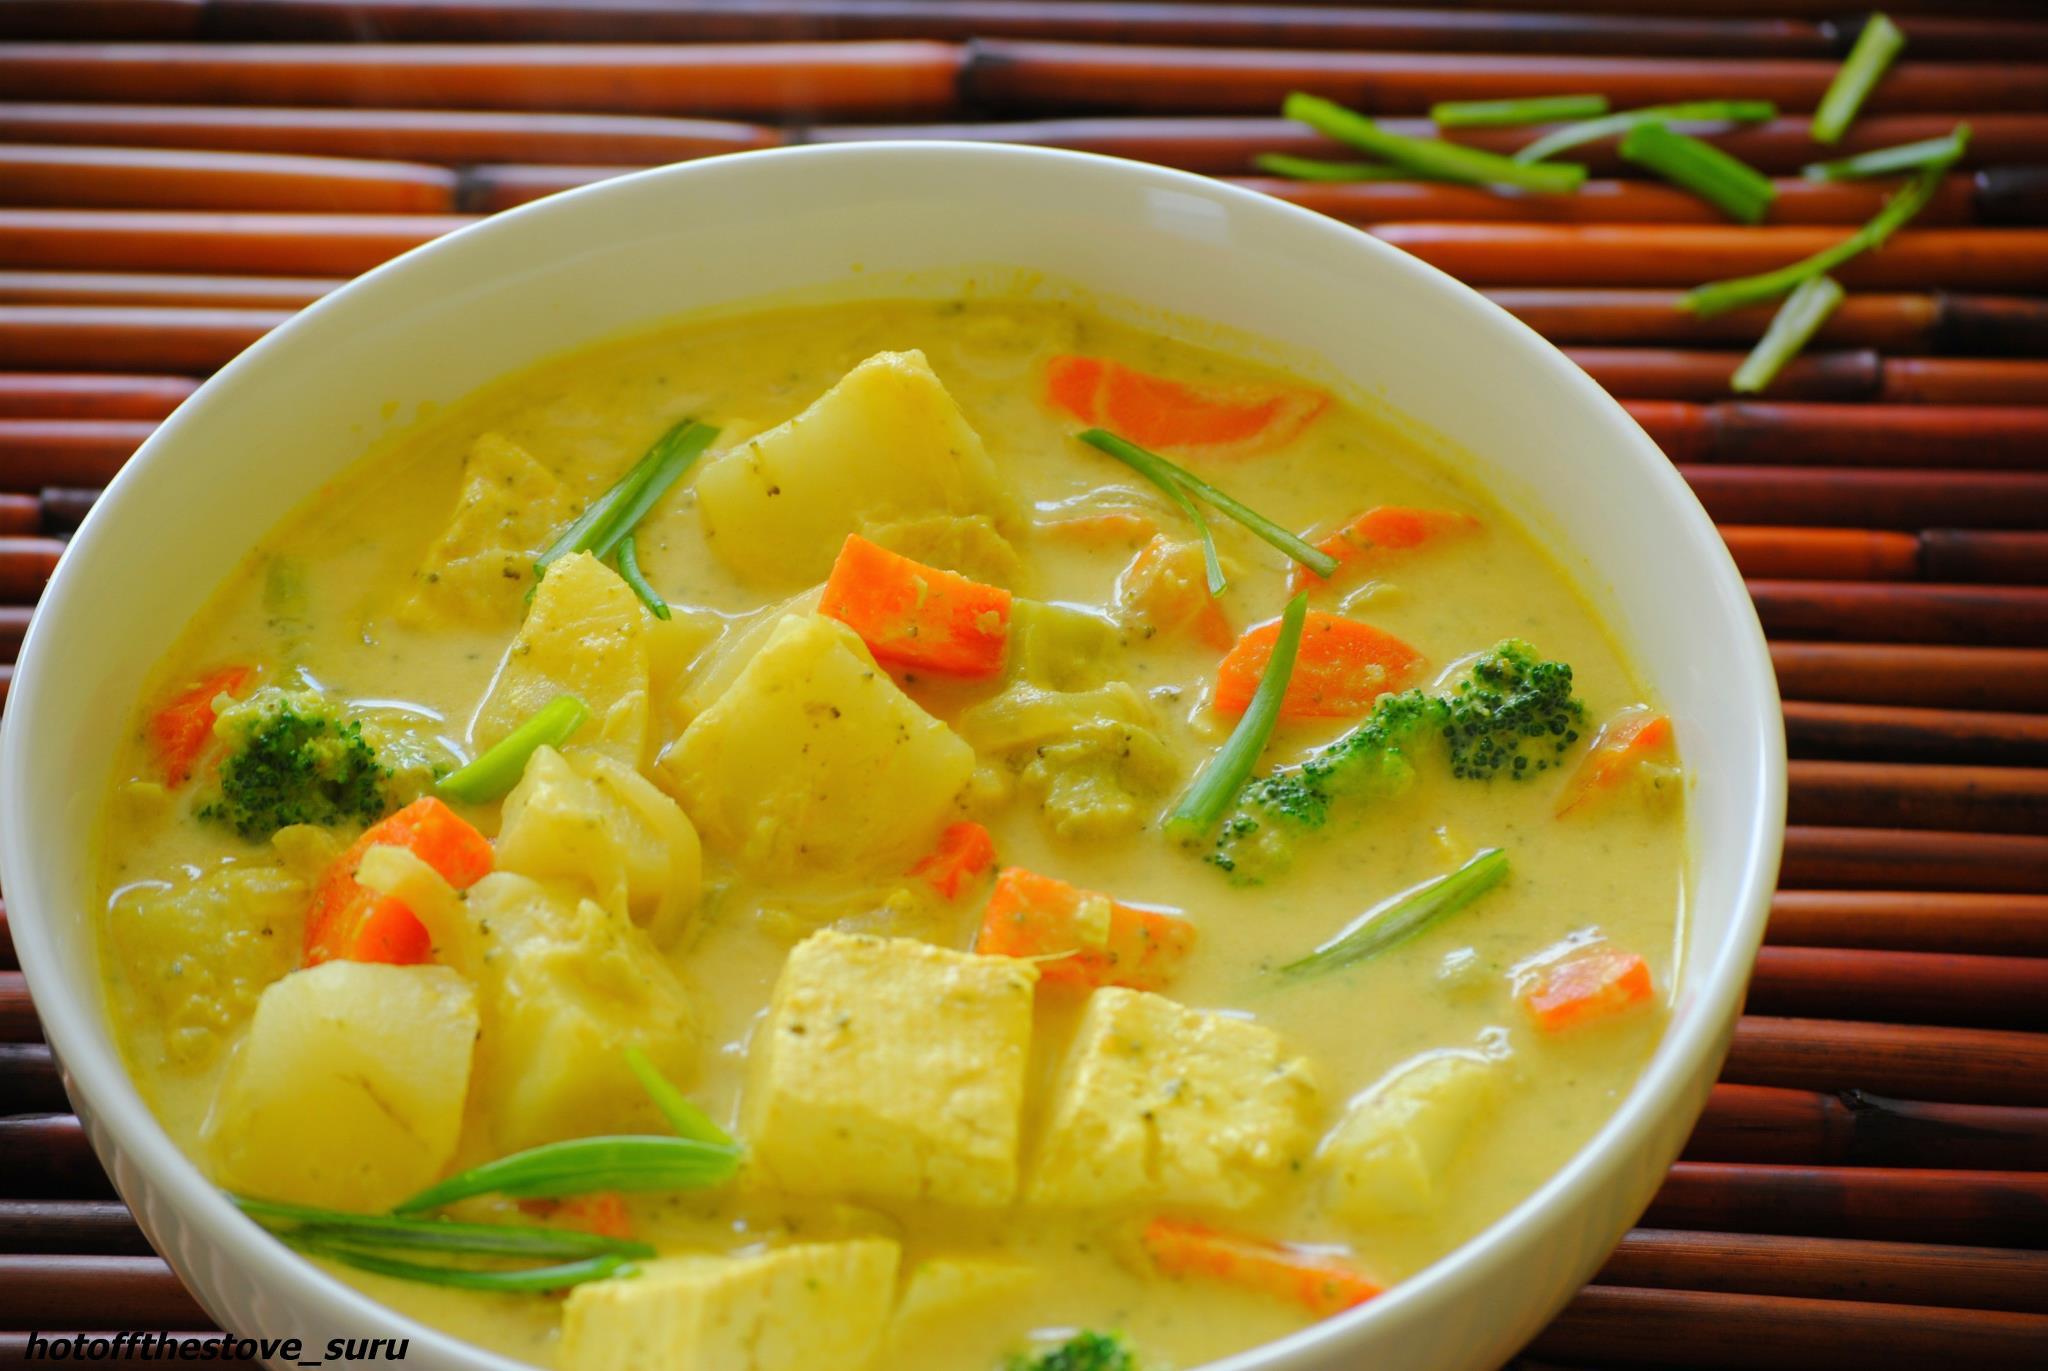 Soup | Darunee Thai Cuisine, San Marcos, CA